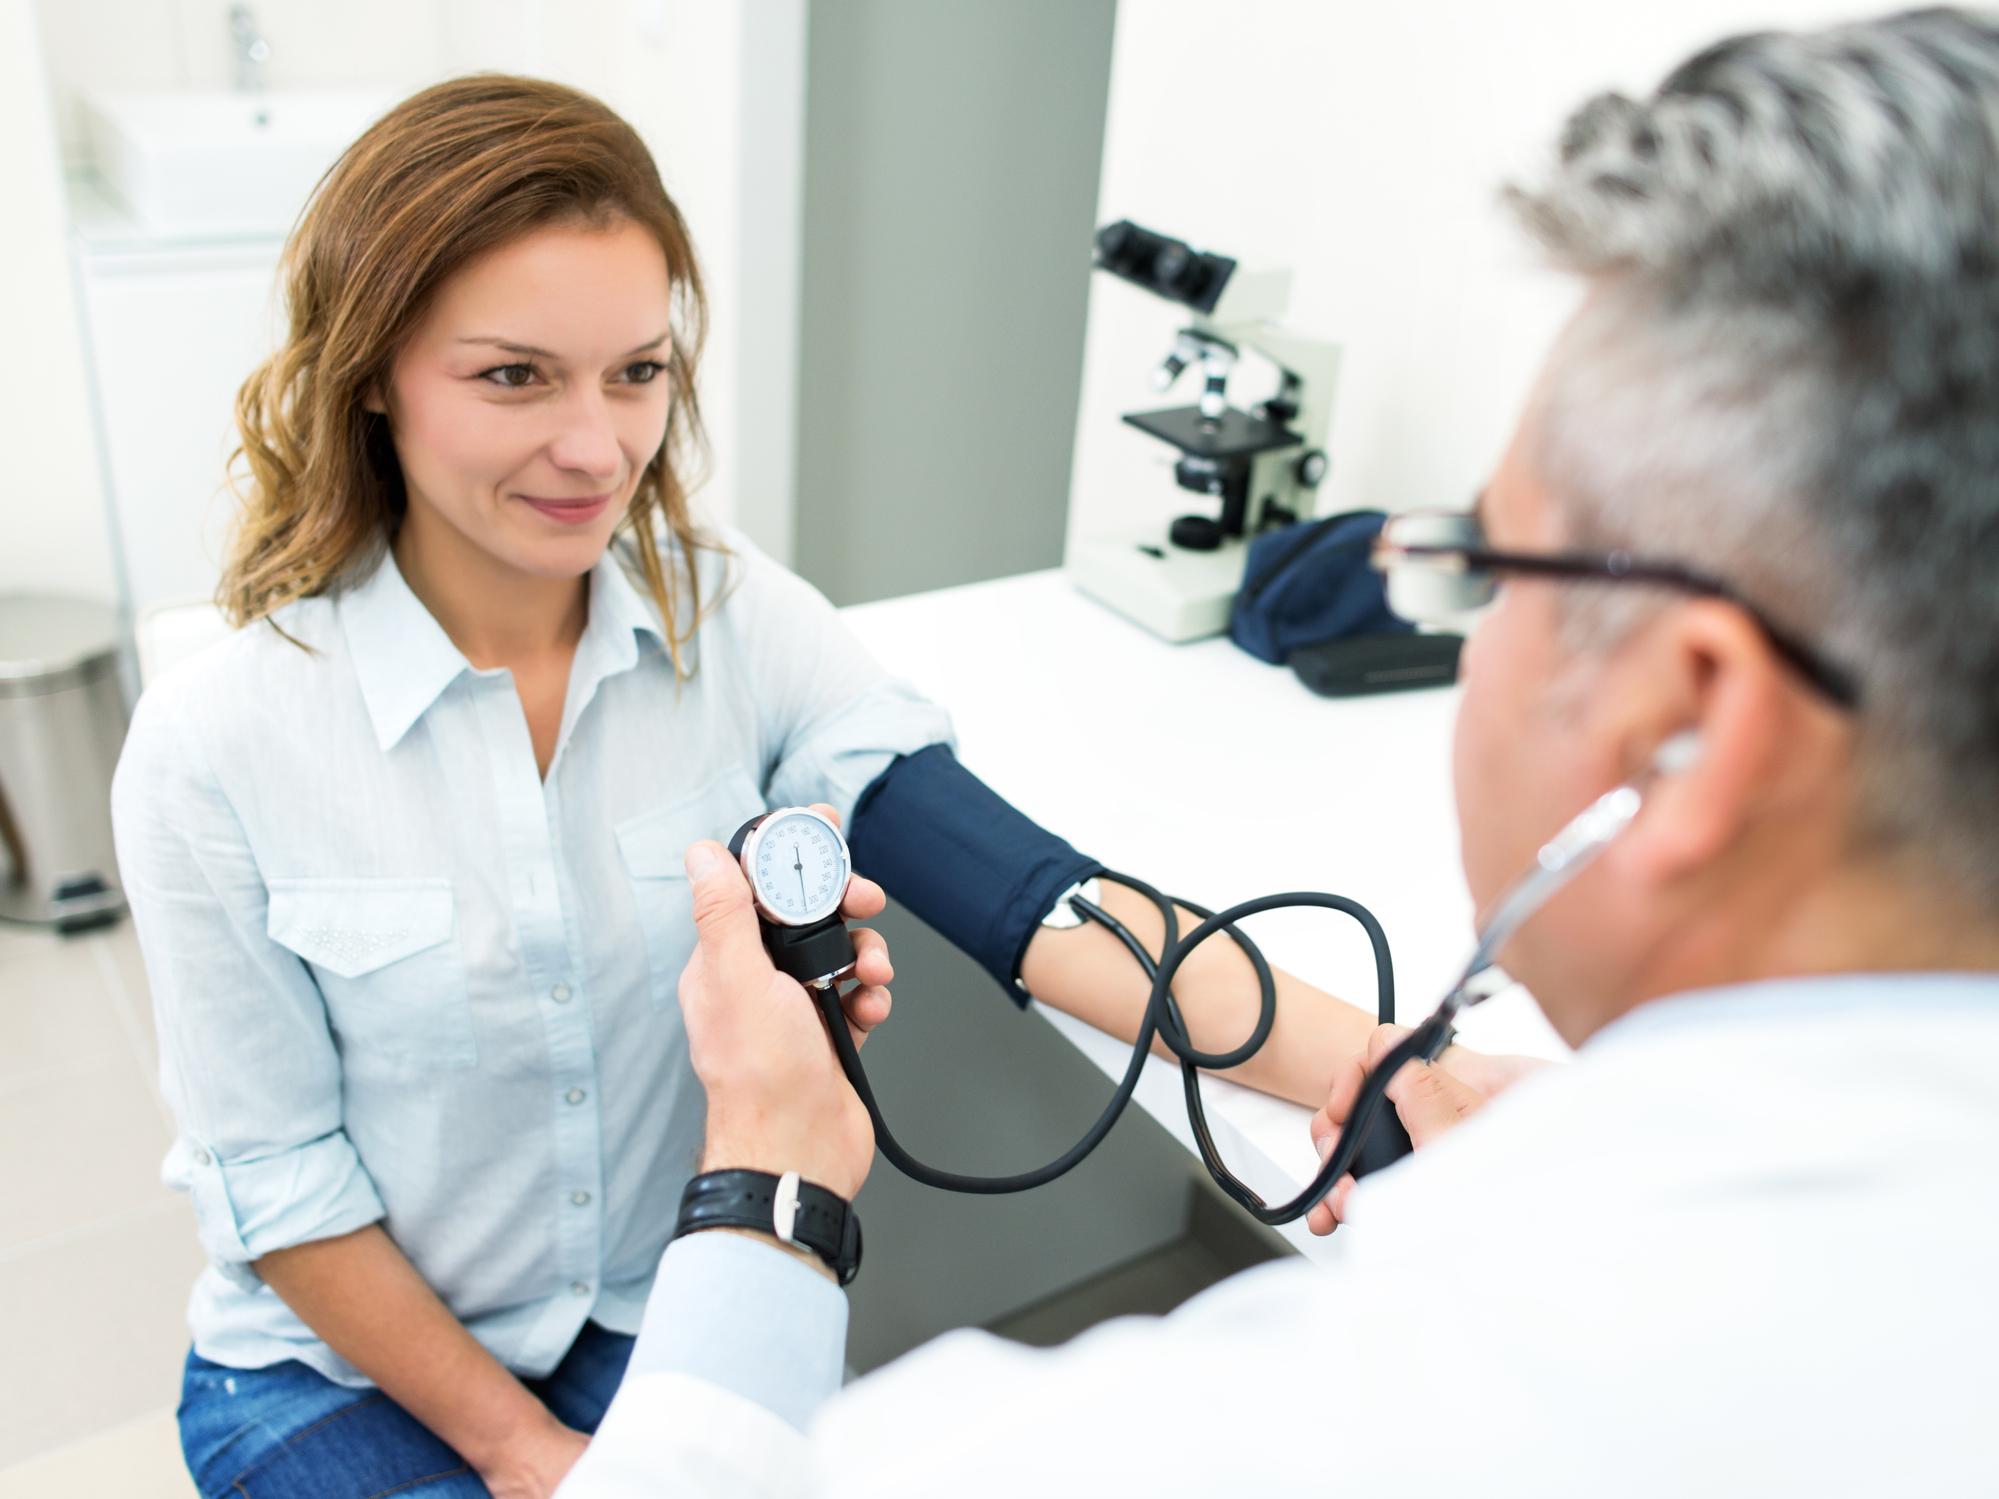 hogyan lehet fenntartani a normális vérnyomást magas vérnyomásban multivitaminok magas vérnyomás esetén